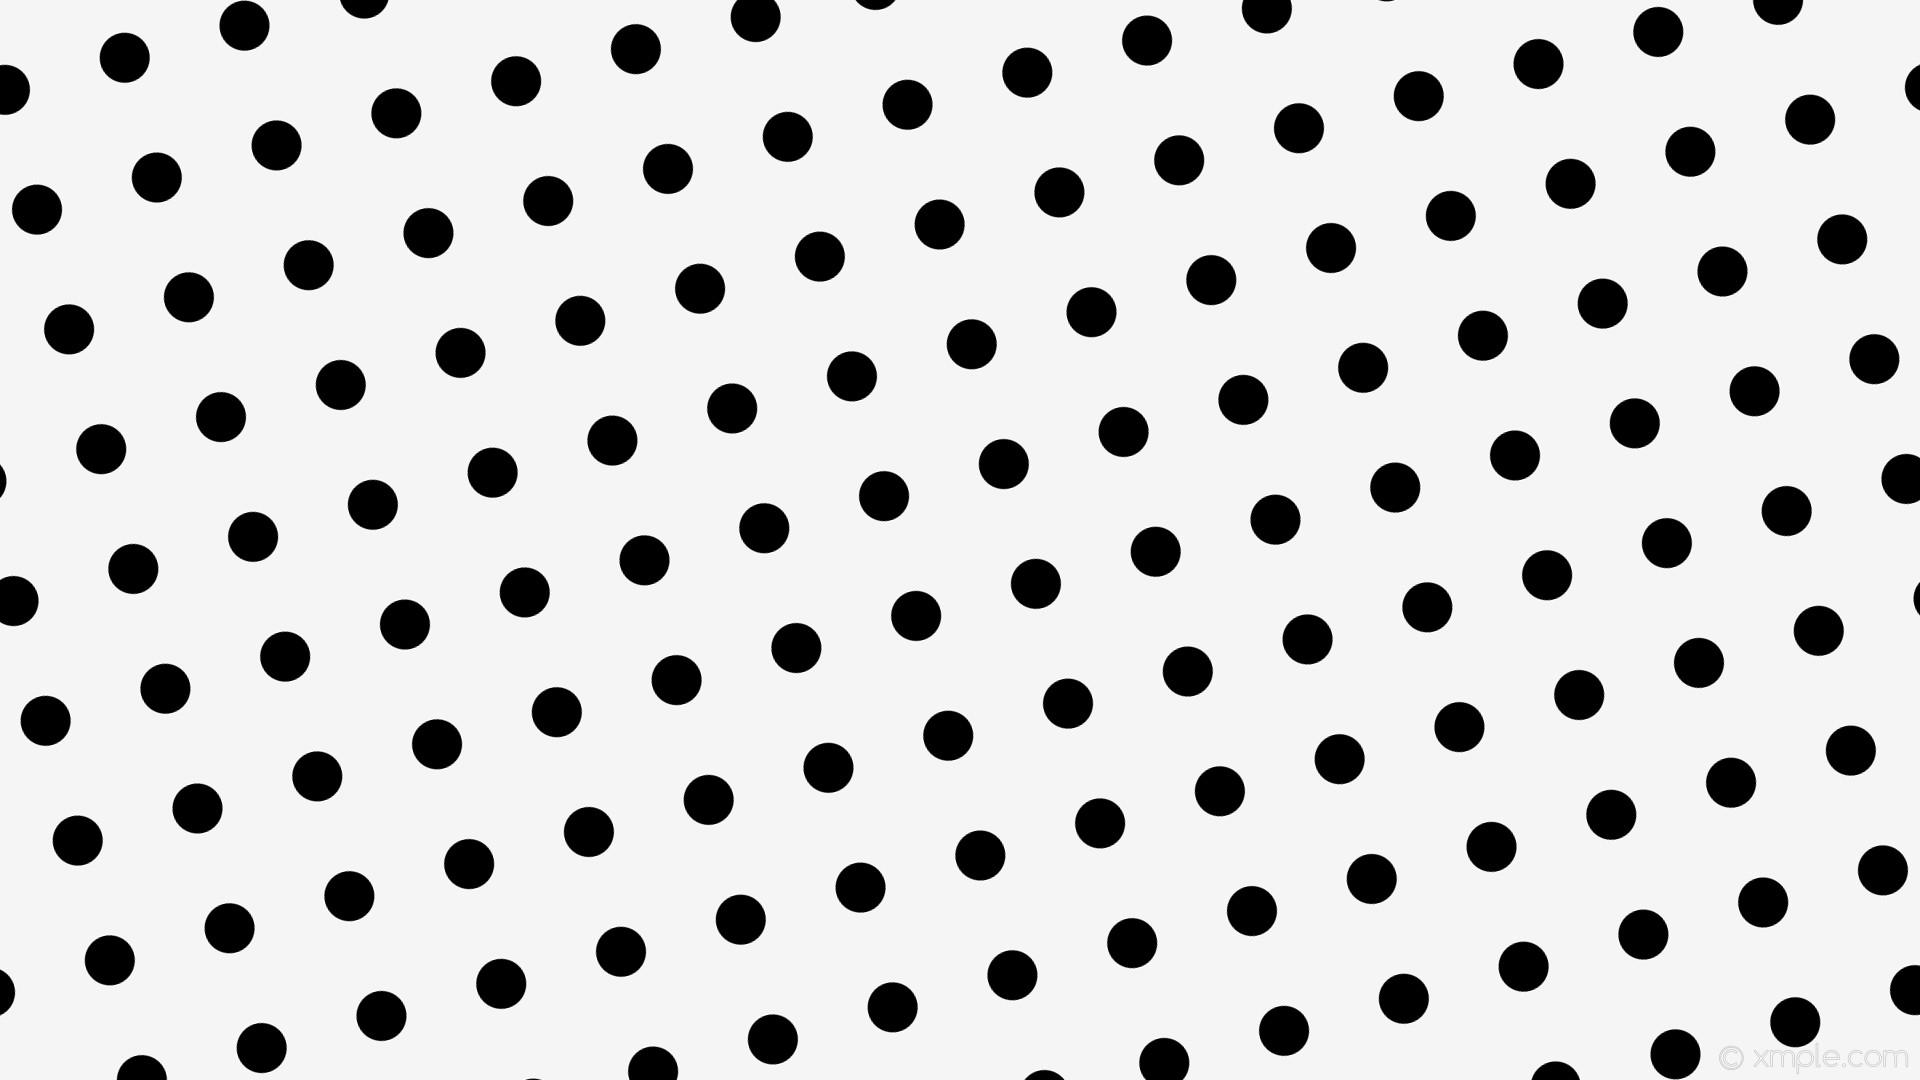 wallpaper polka white dots spots black white smoke #f5f5f5 #000000 105°  50px 124px